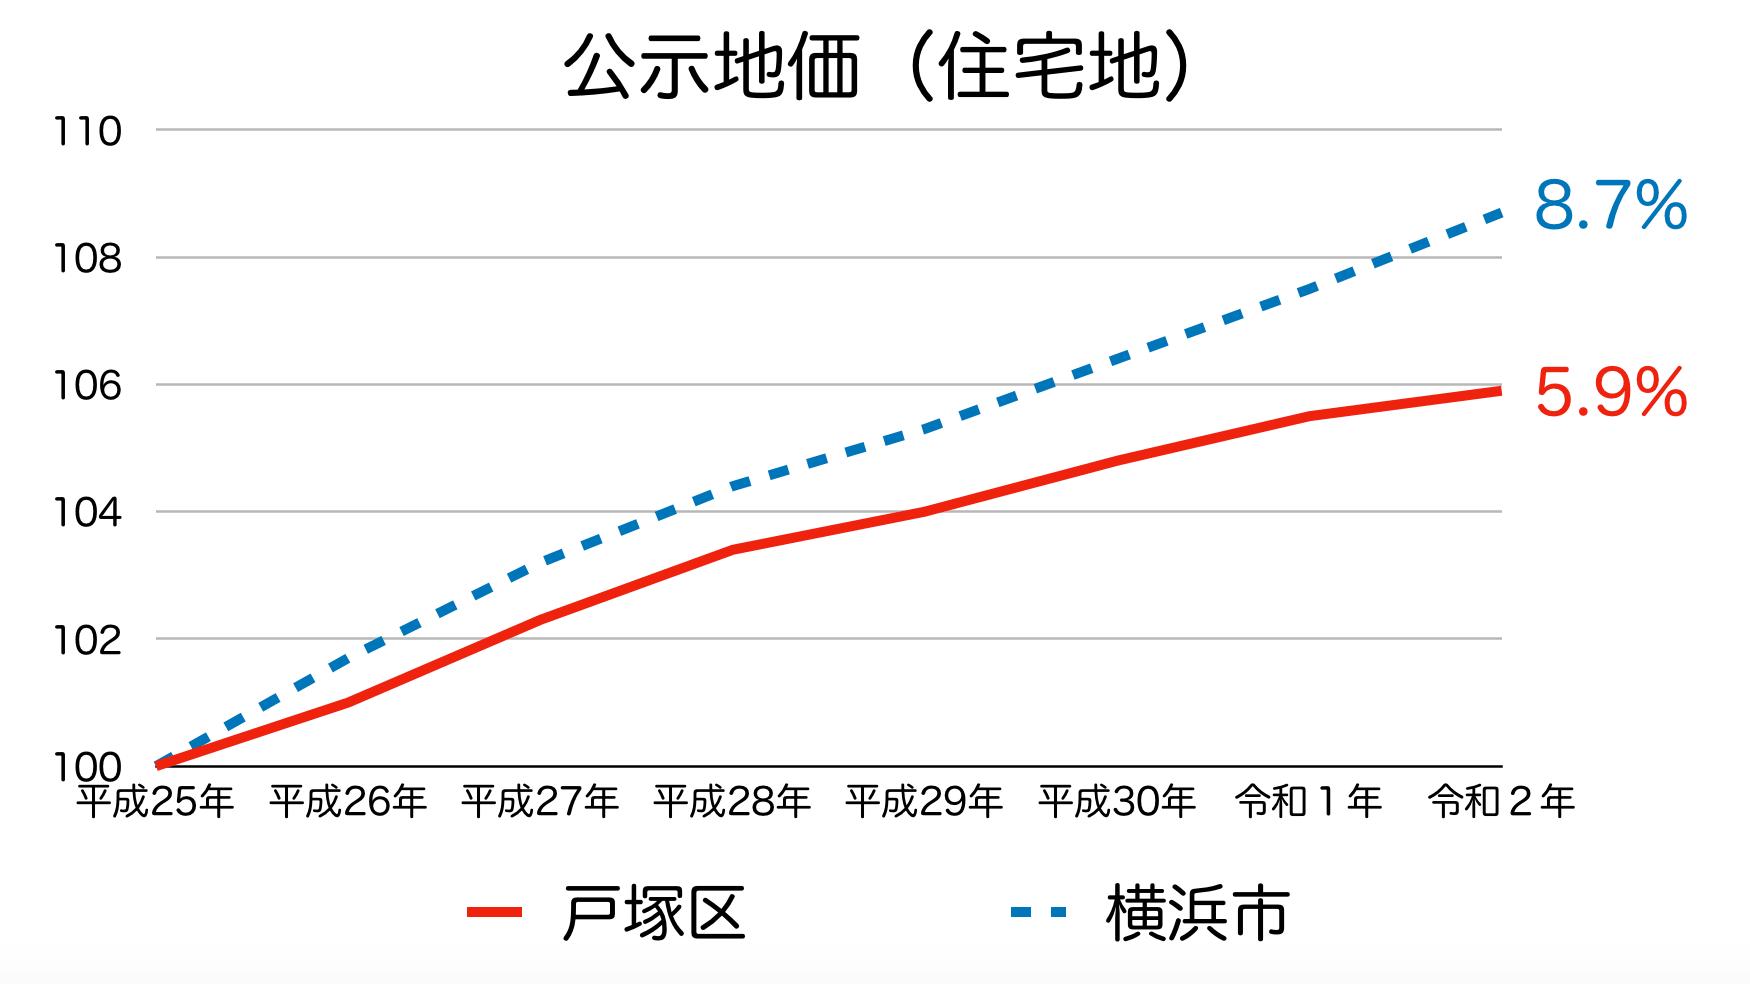 戸塚区の公示地価の推移(令和2年)